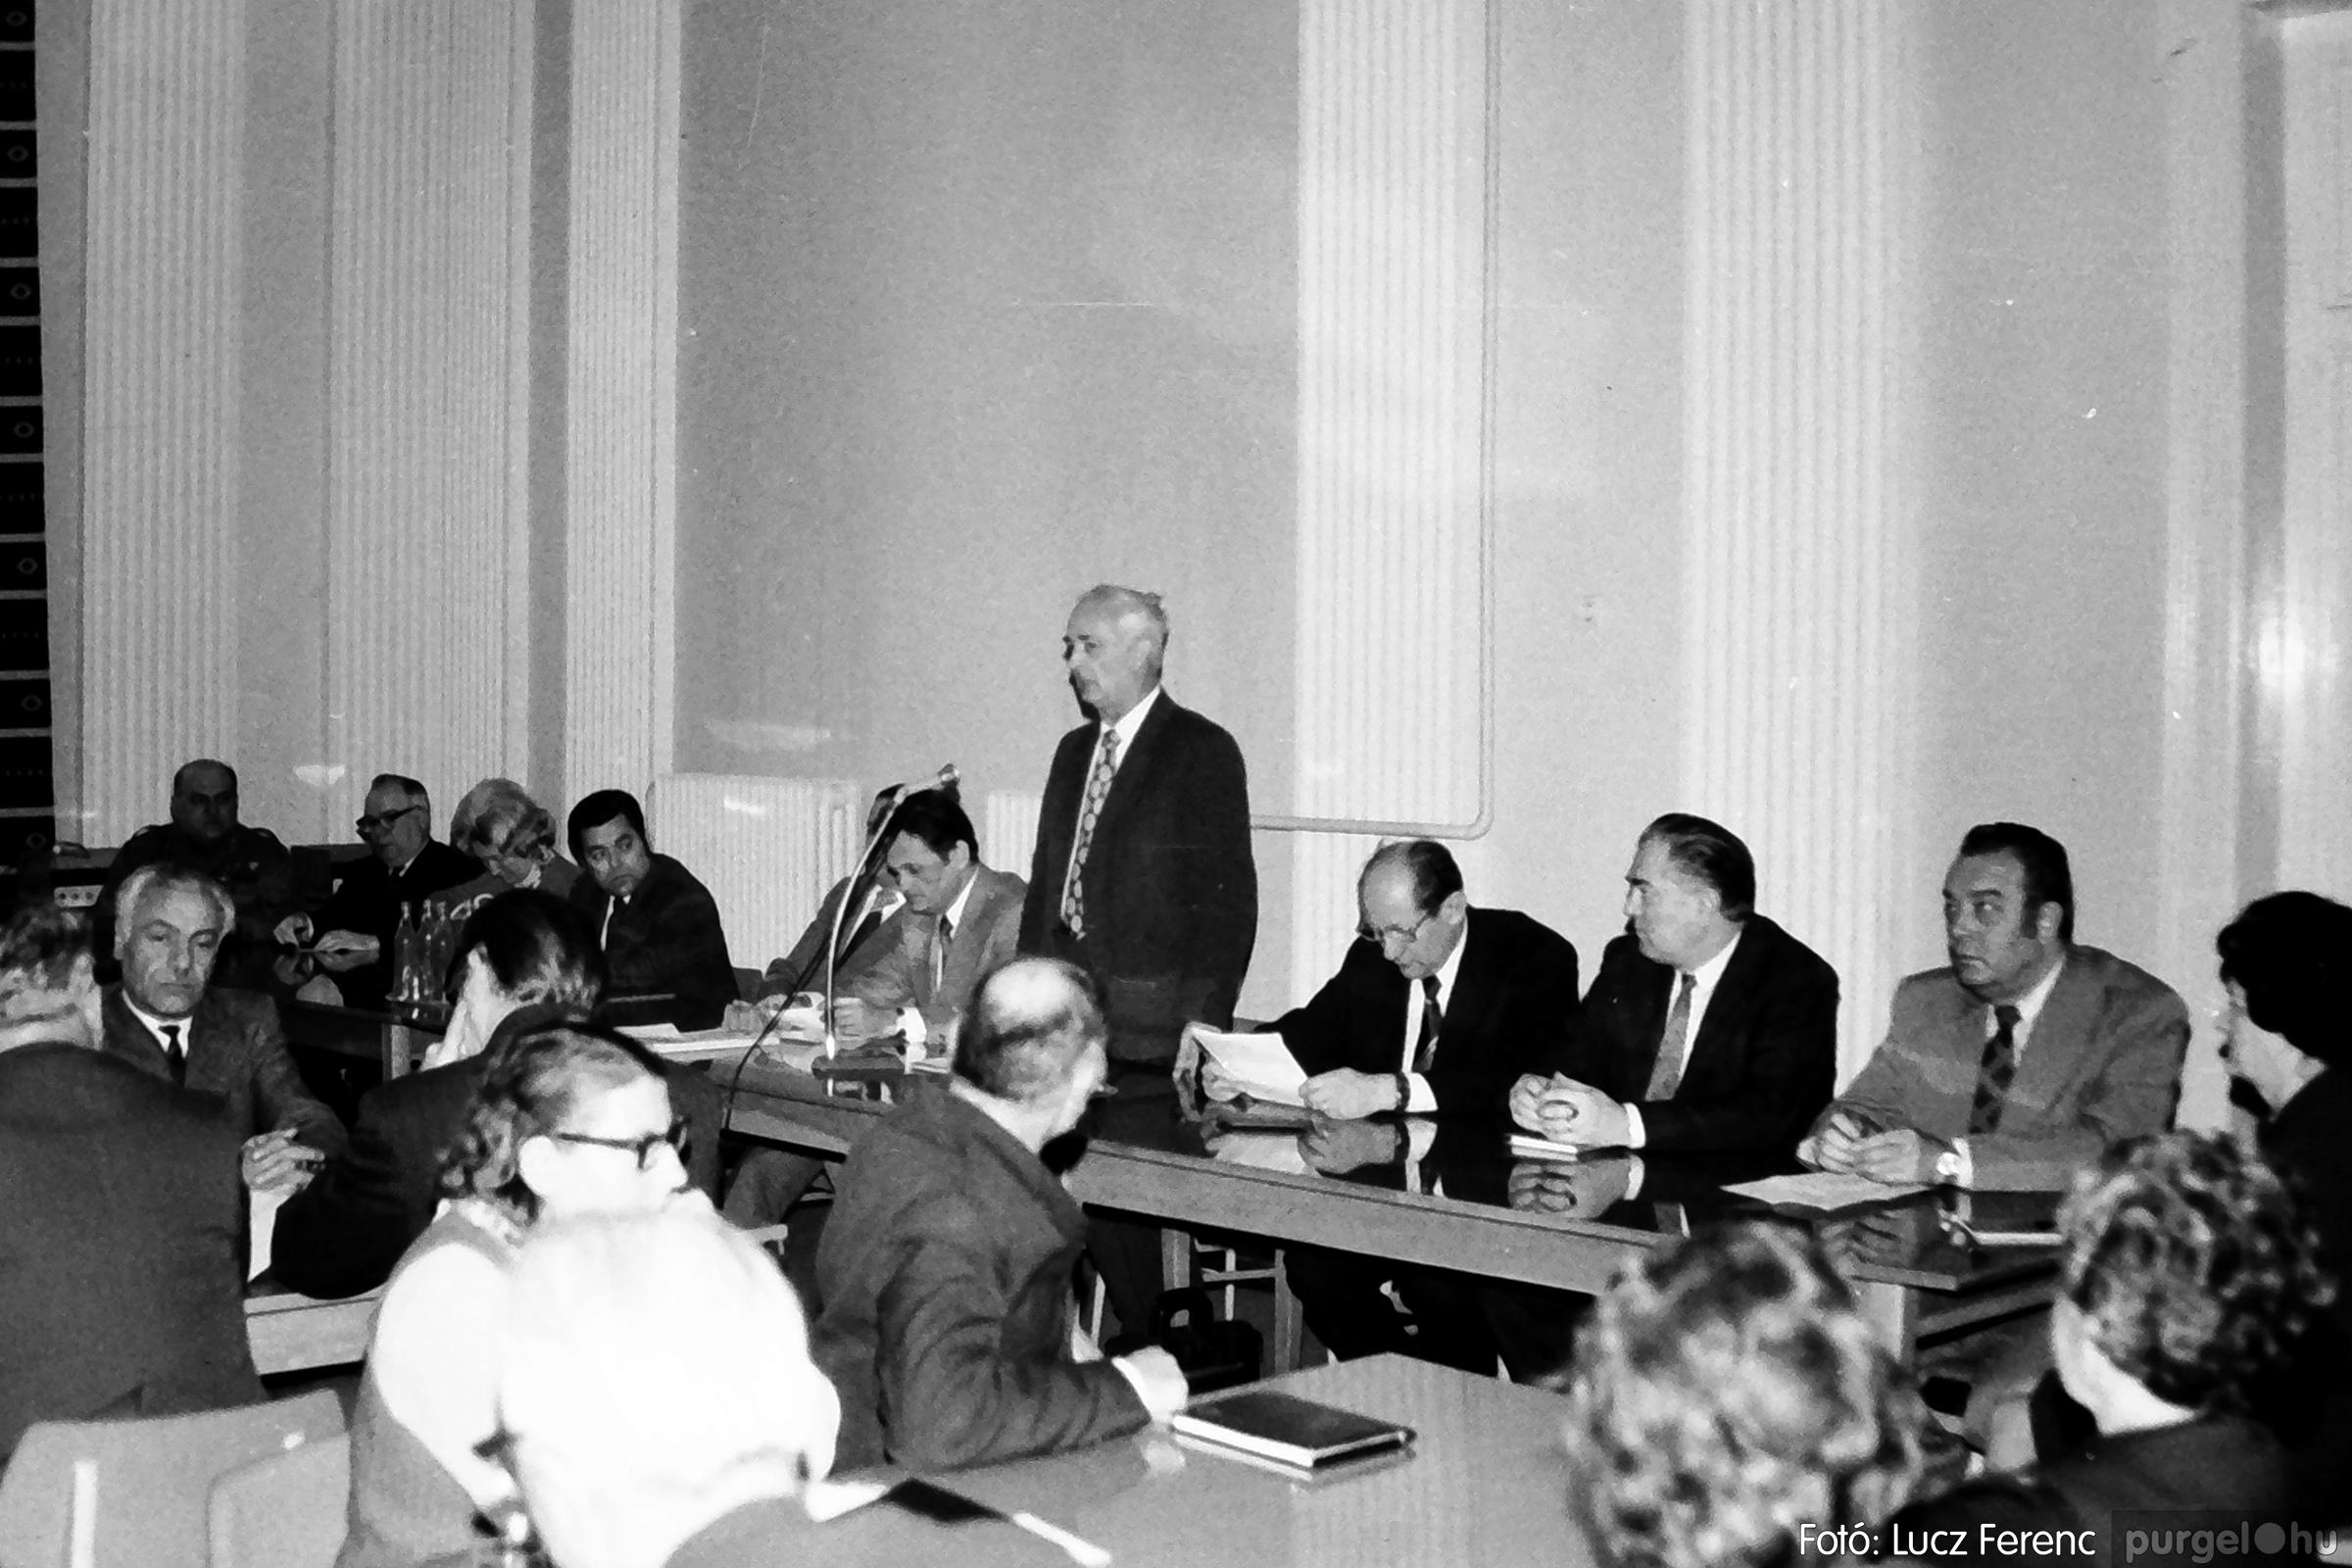 072. 1977. ÁFÉSZ küldöttgyűlés a szentesi megyeházban 002. - Fotó: Lucz Ferenc.jpg